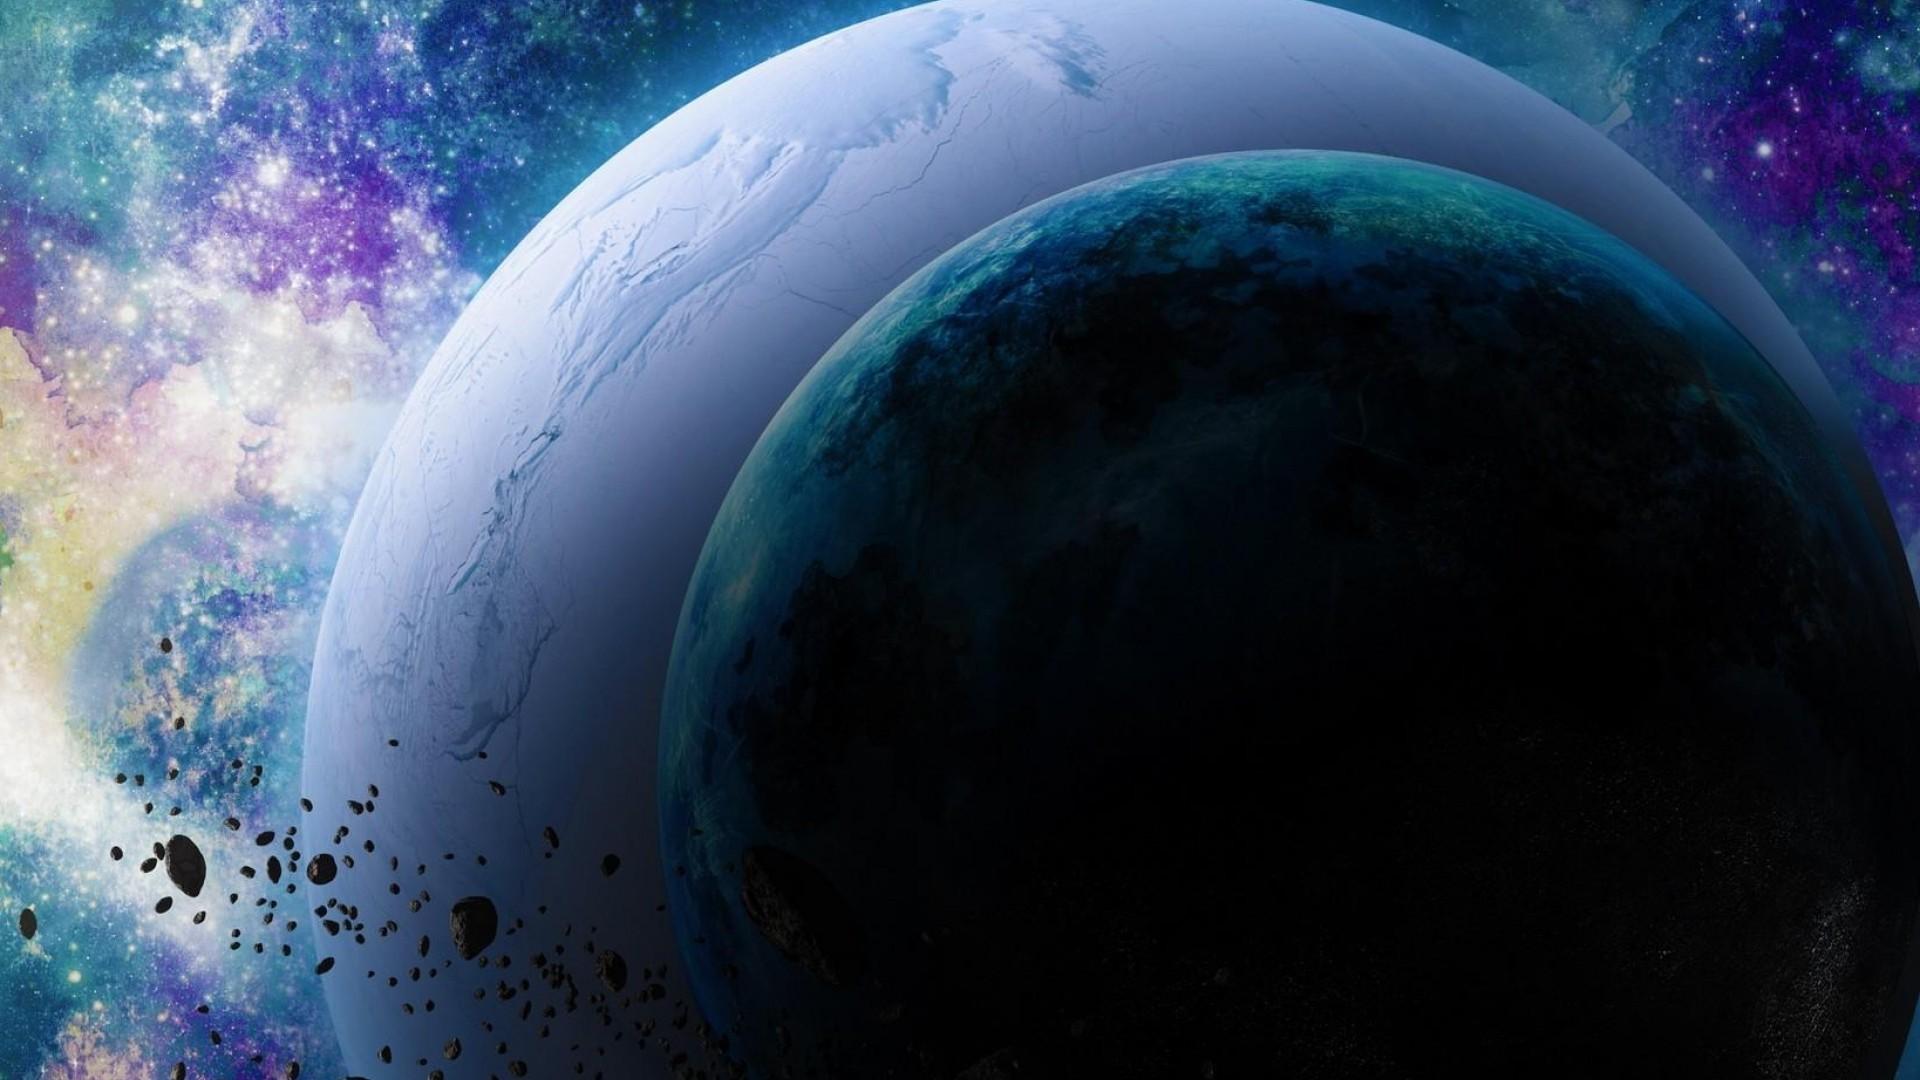 Sfondi pianeti 68 immagini for Sfondi pianeti hd